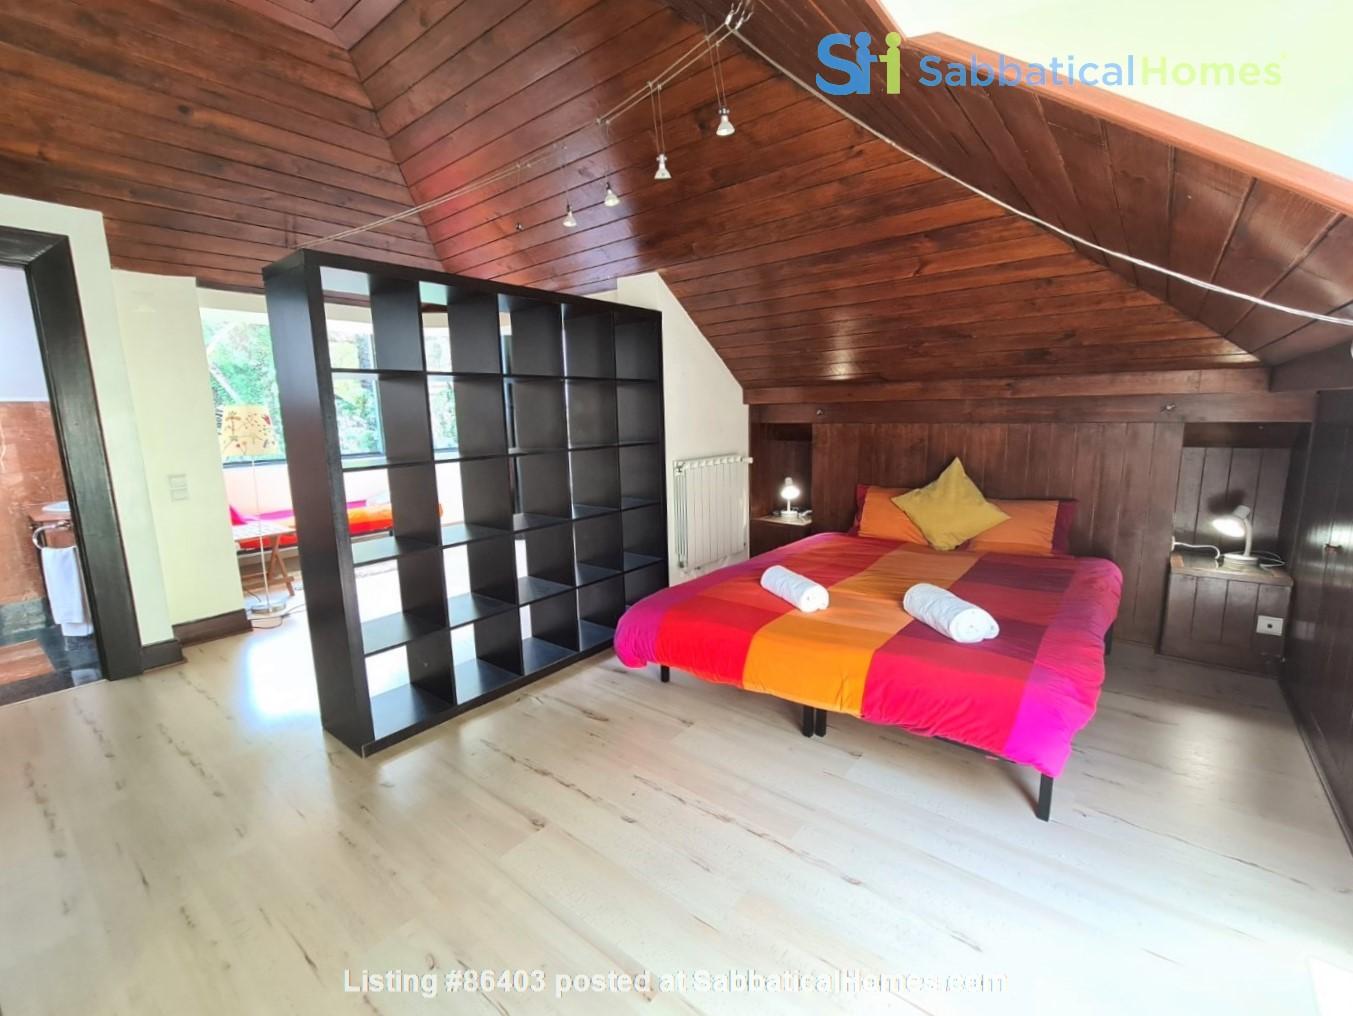 Charming Villa in selective Quinta da Marinha Home Rental in Cascais, Lisboa, Portugal 5